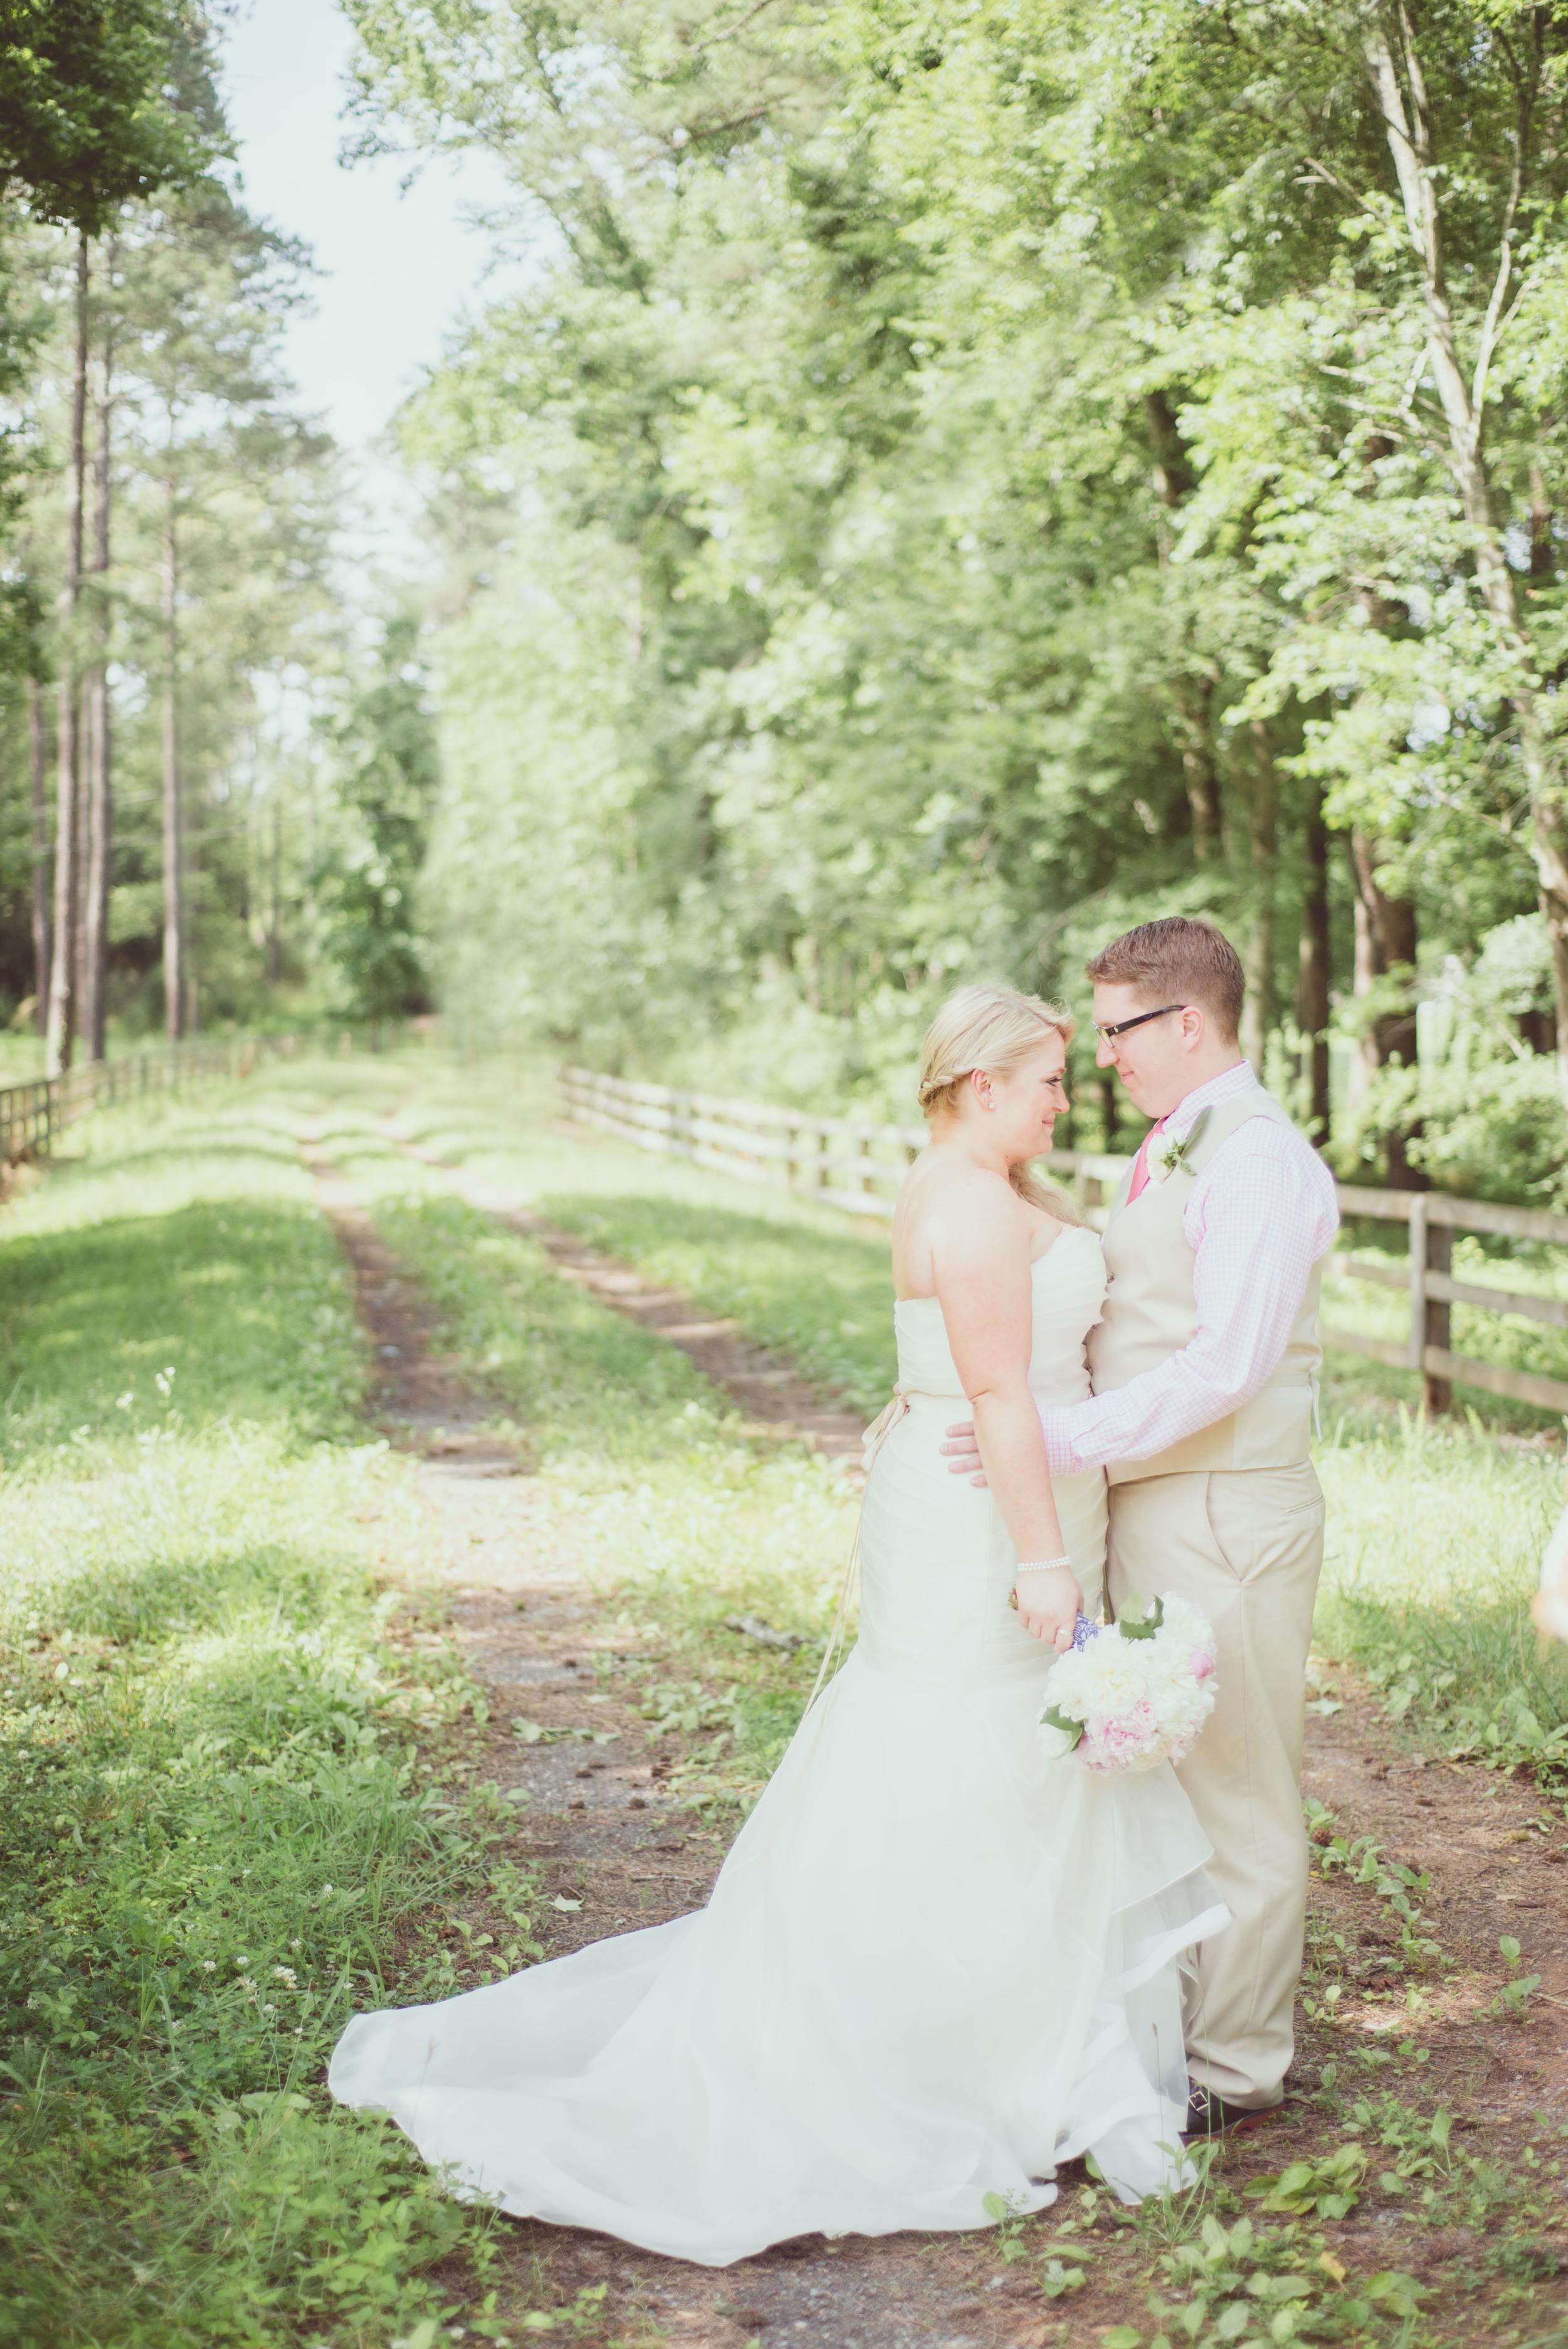 Atlanta_Wedding_Photographer_KrisandraEvans_034.jpg